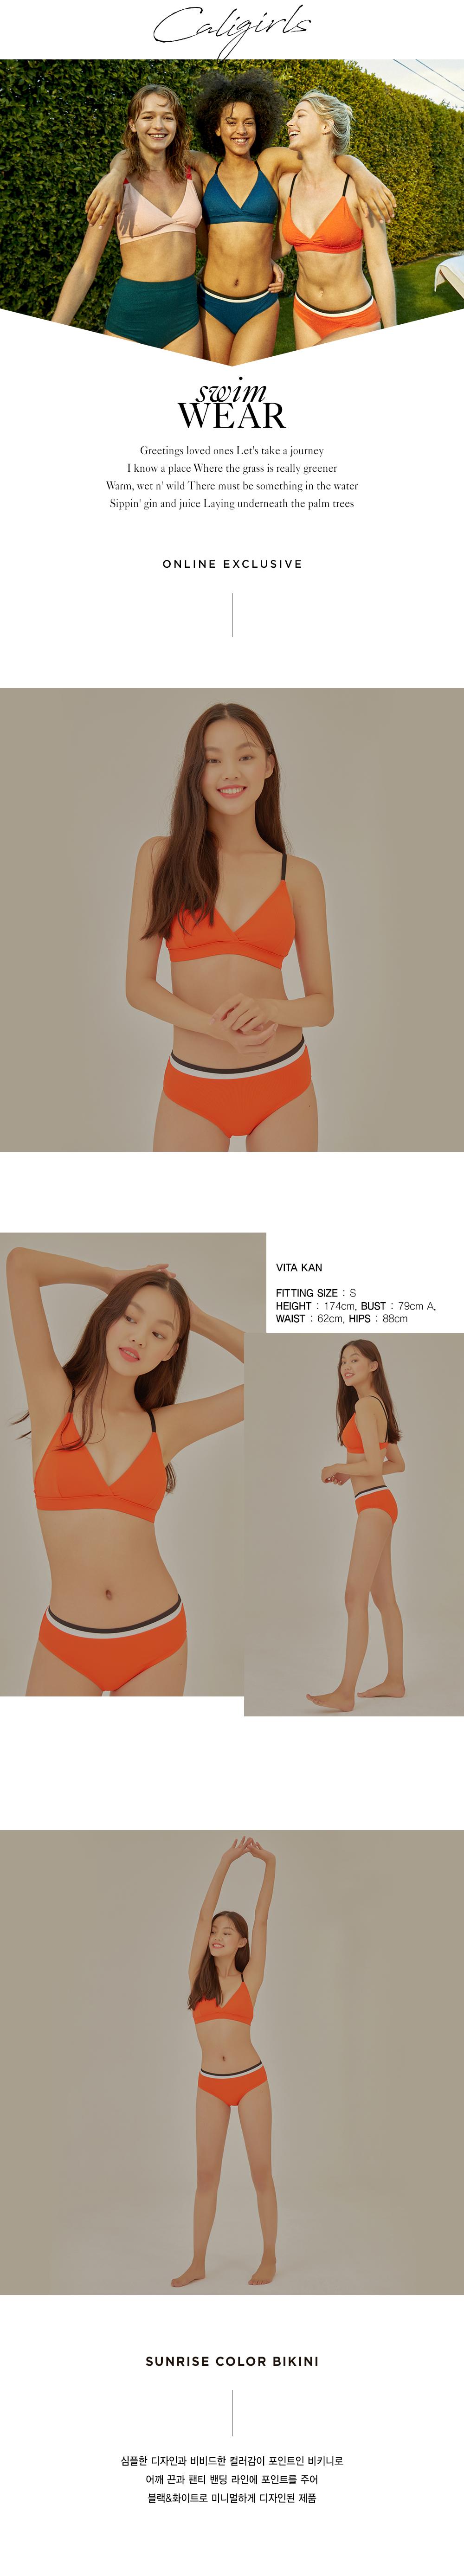 코랄리크(CORALIQUE) 선라이즈 컬러 비키니 수영복 오렌지 CQ-LS19501OK